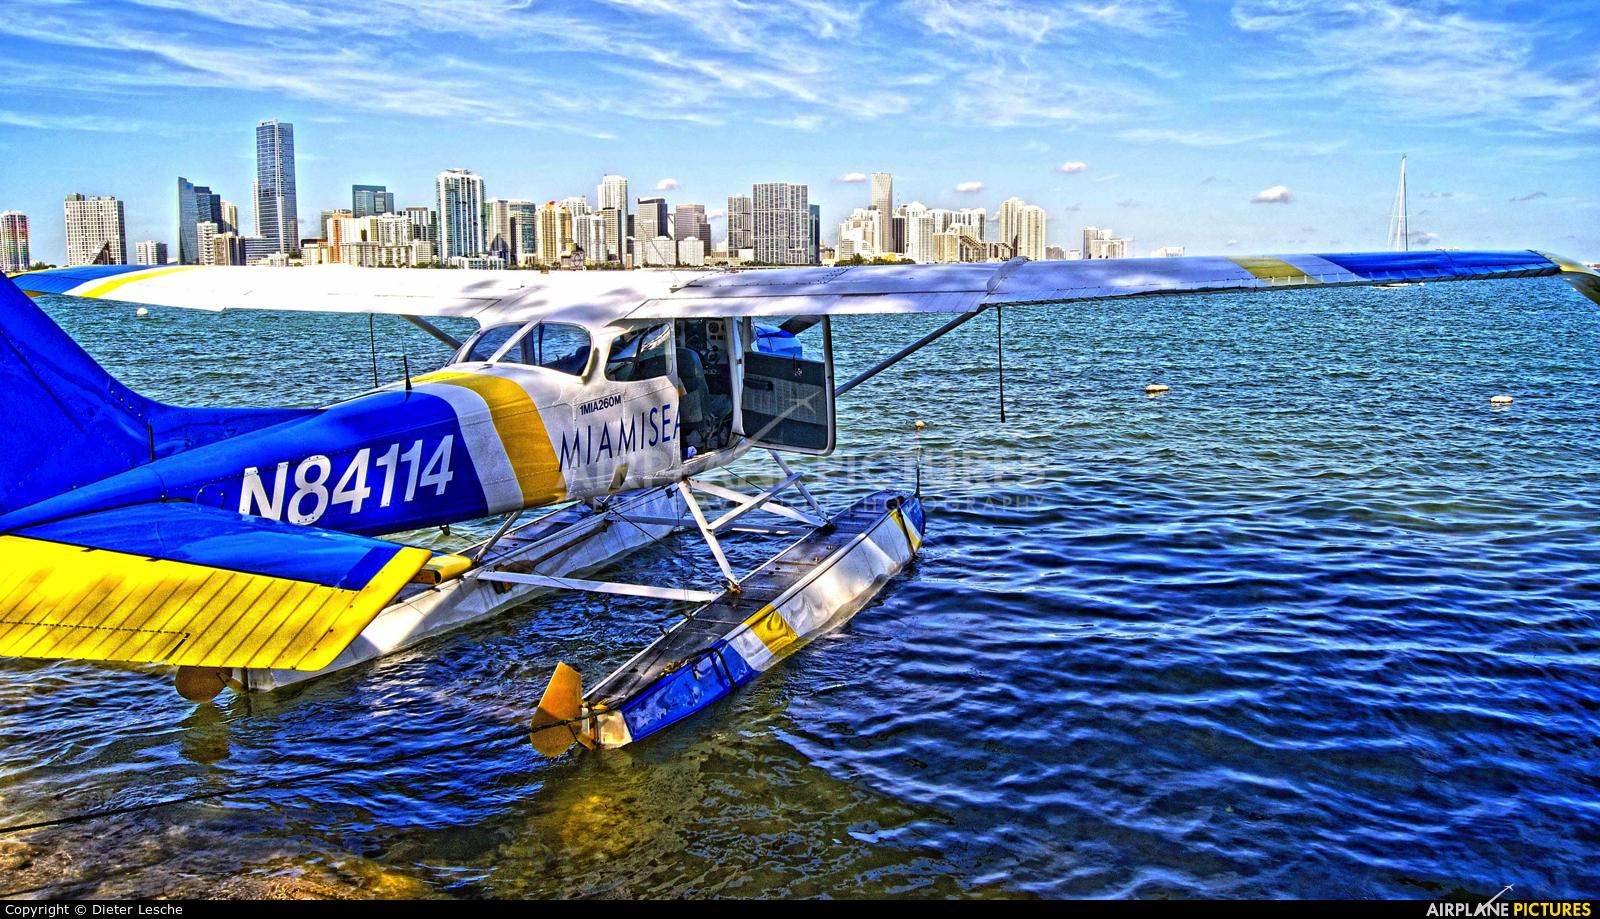 N84114 aircraft at Miami Intl